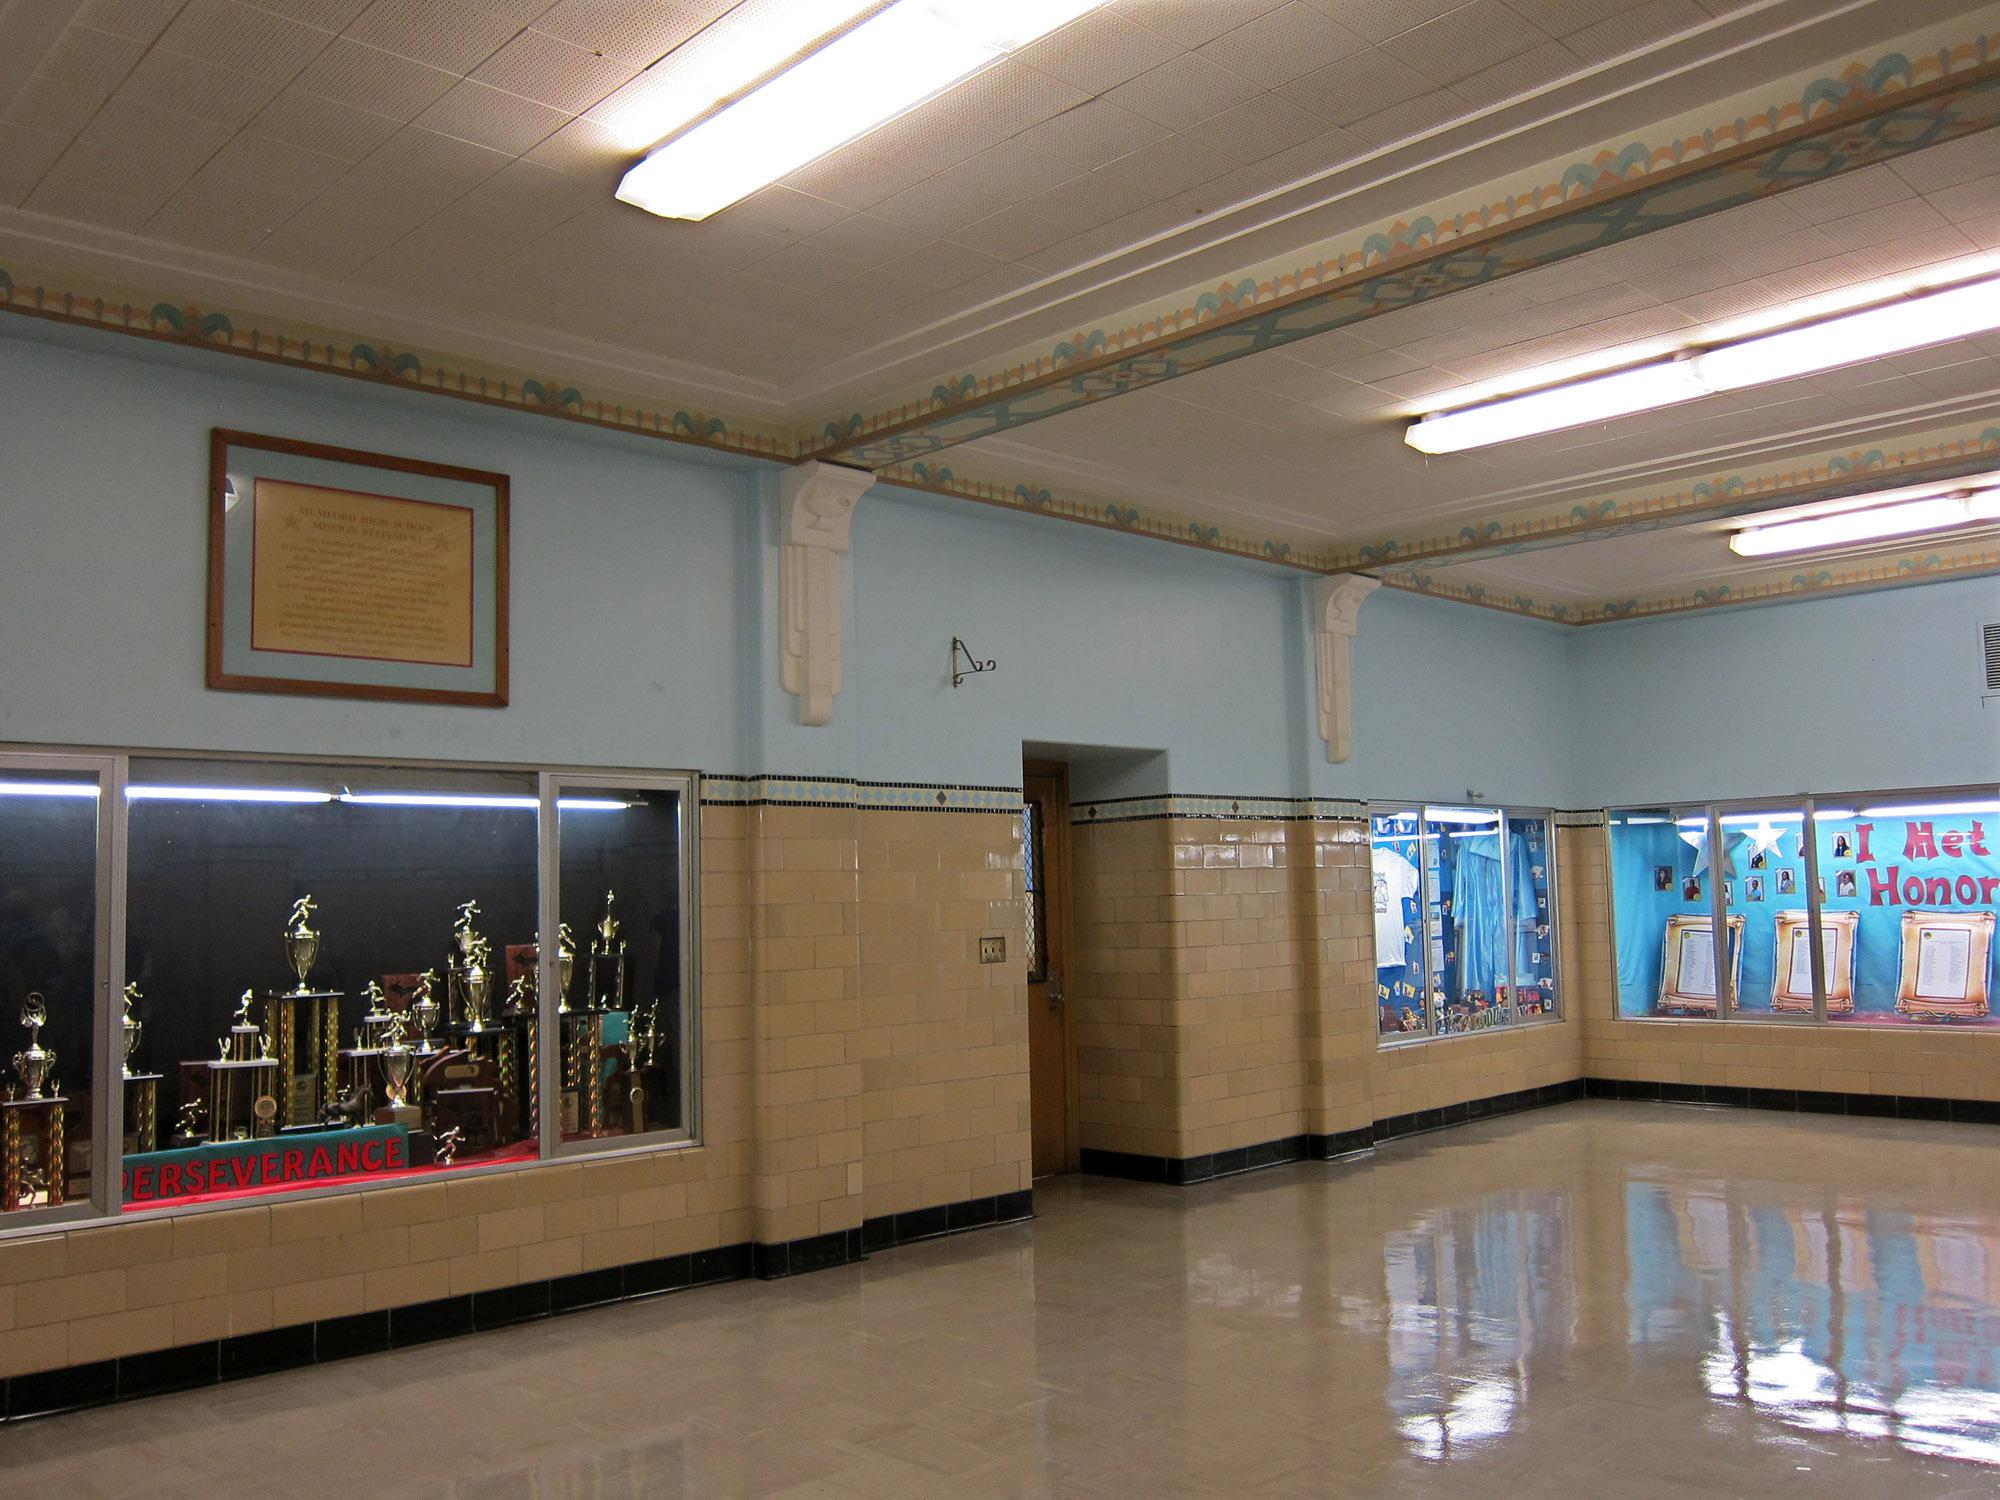 Mumford High School Trophy Case